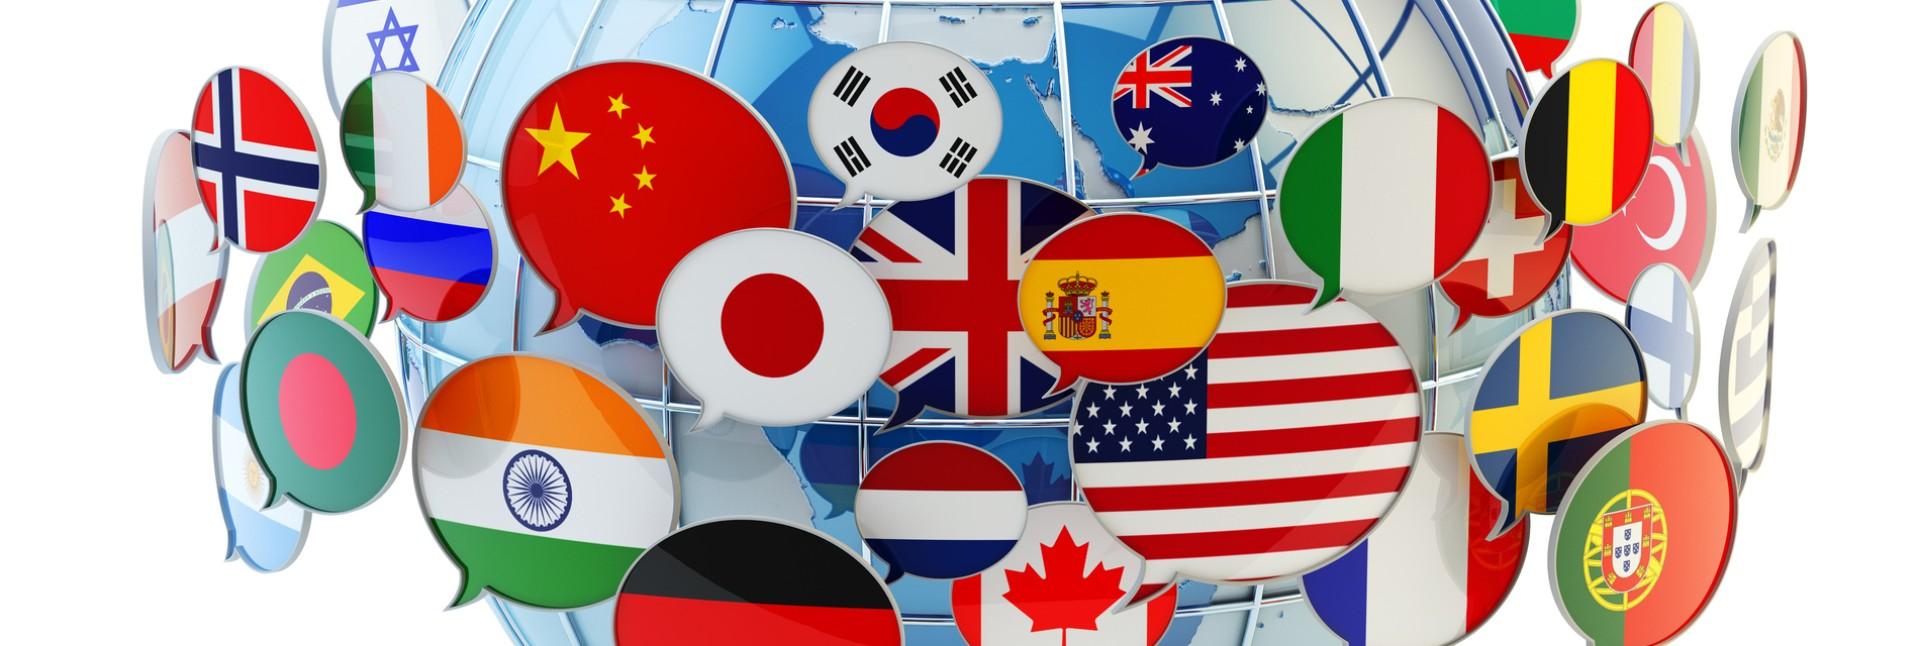 Вернисаж иностранных языков